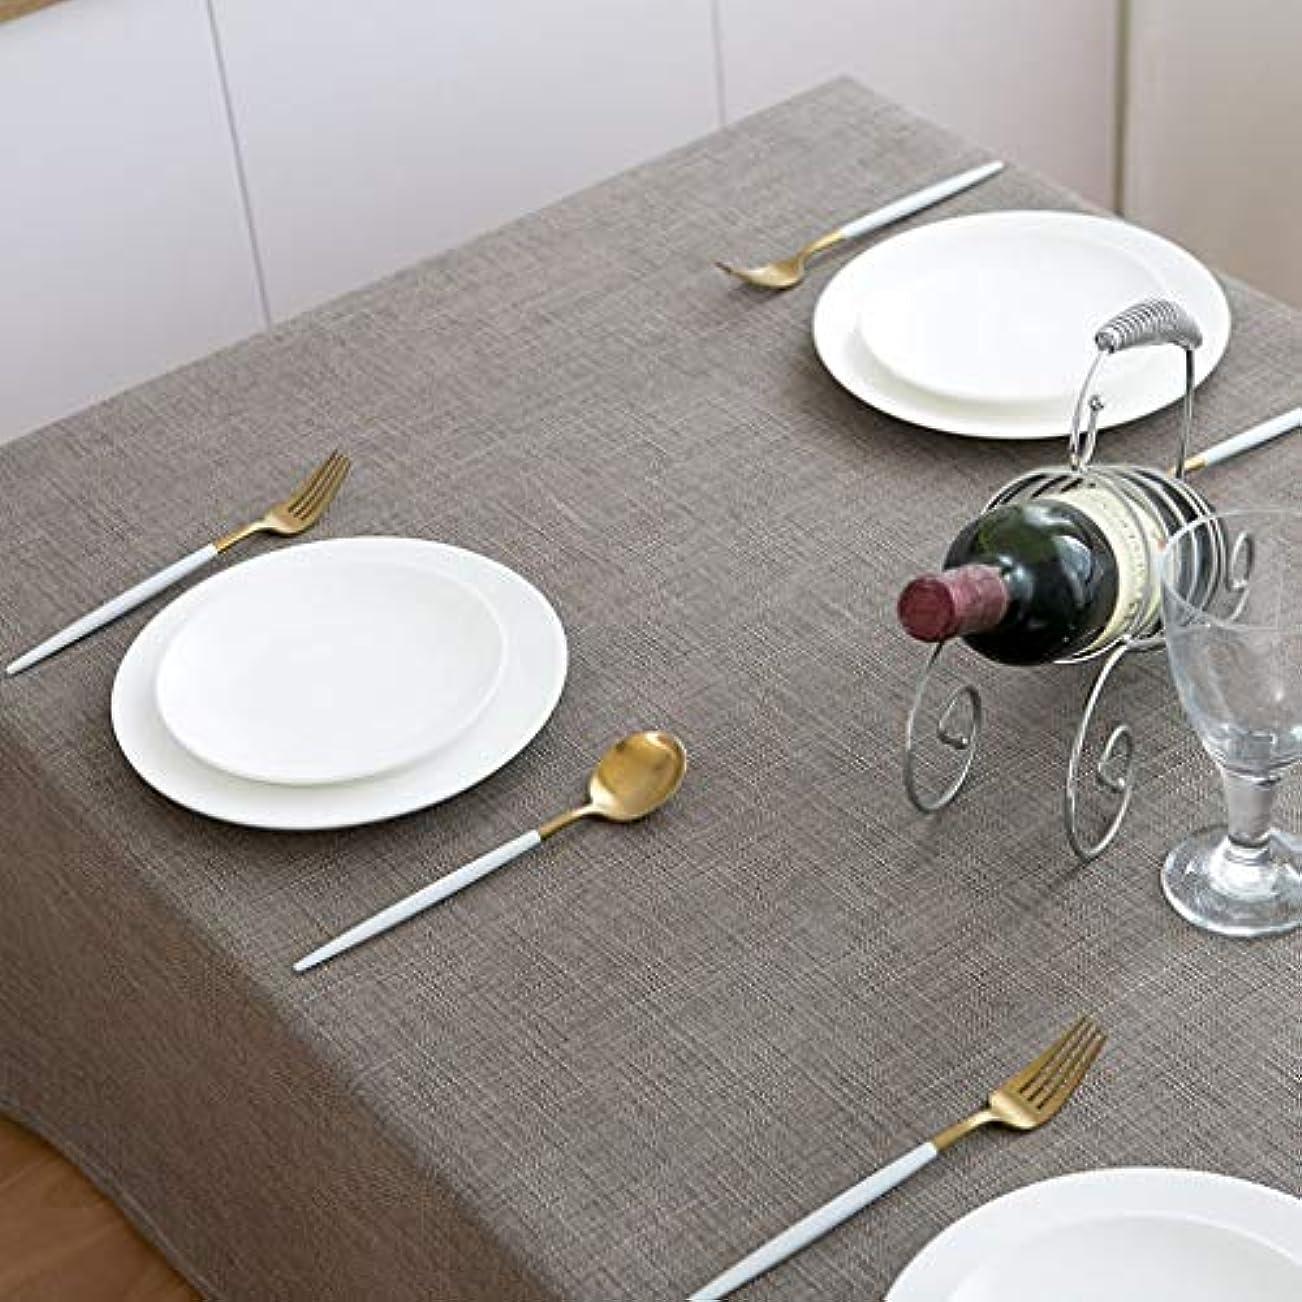 擬人化好意アドバンテージテーブルクロス 北欧 長方形 120×180cm テーブルカバー 無地 綿麻 おしゃれ 簡約 食卓カバー 防塵 耐熱 滑り止め ナチュラル 雰囲気 新築お祝い 贈り物 多色選択